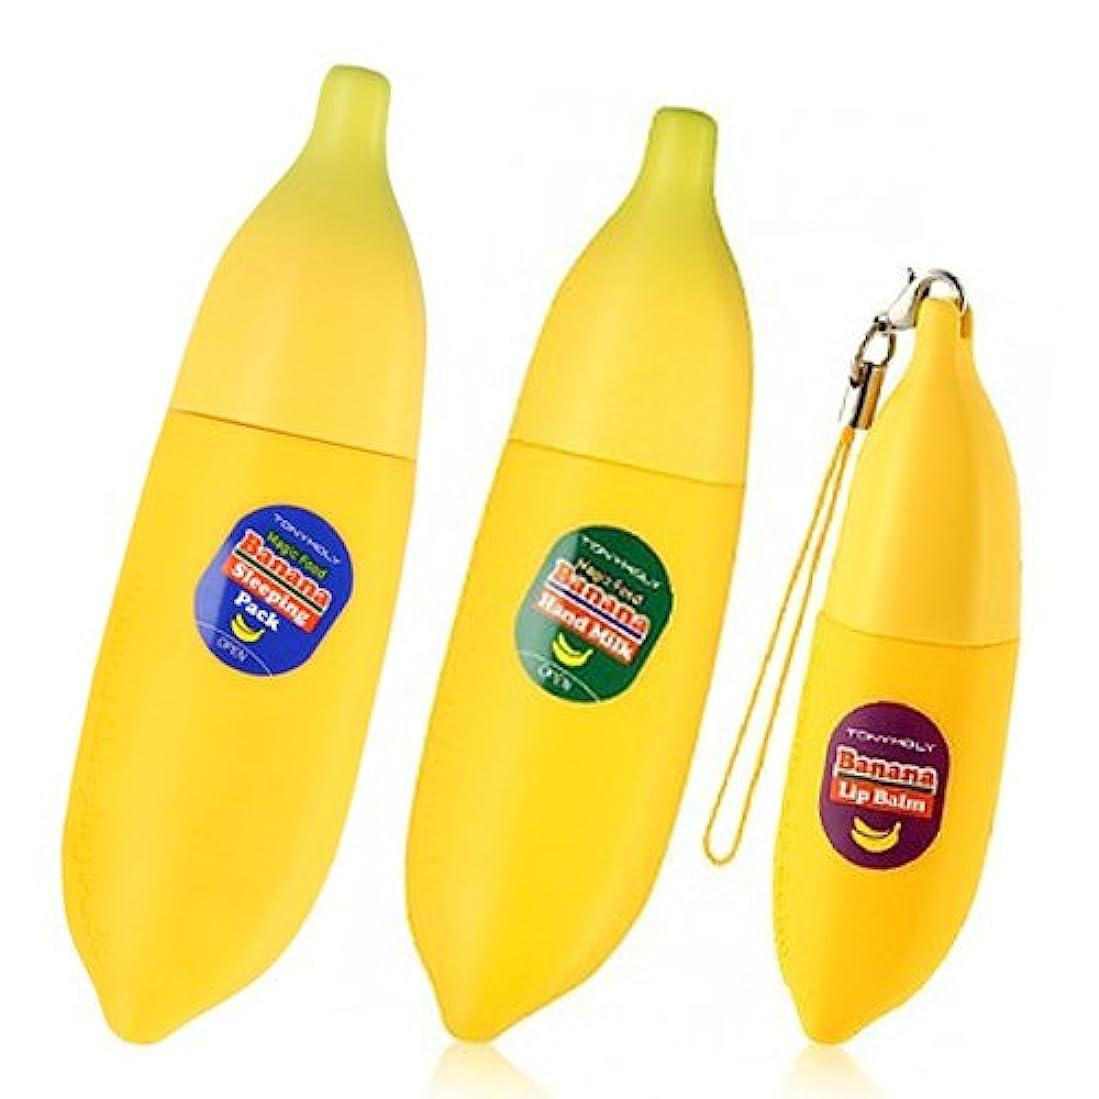 ゴム先祖スマートTONYMOLY (トニーモリ―) マジックフードバナナ3種類1セット(スリーピングパック+ハンドクリーム+リップバーム) Magic Food Banana of 3 Types (Sleeping Pack+Hand Cream+Lim Balm) [並行輸入品]